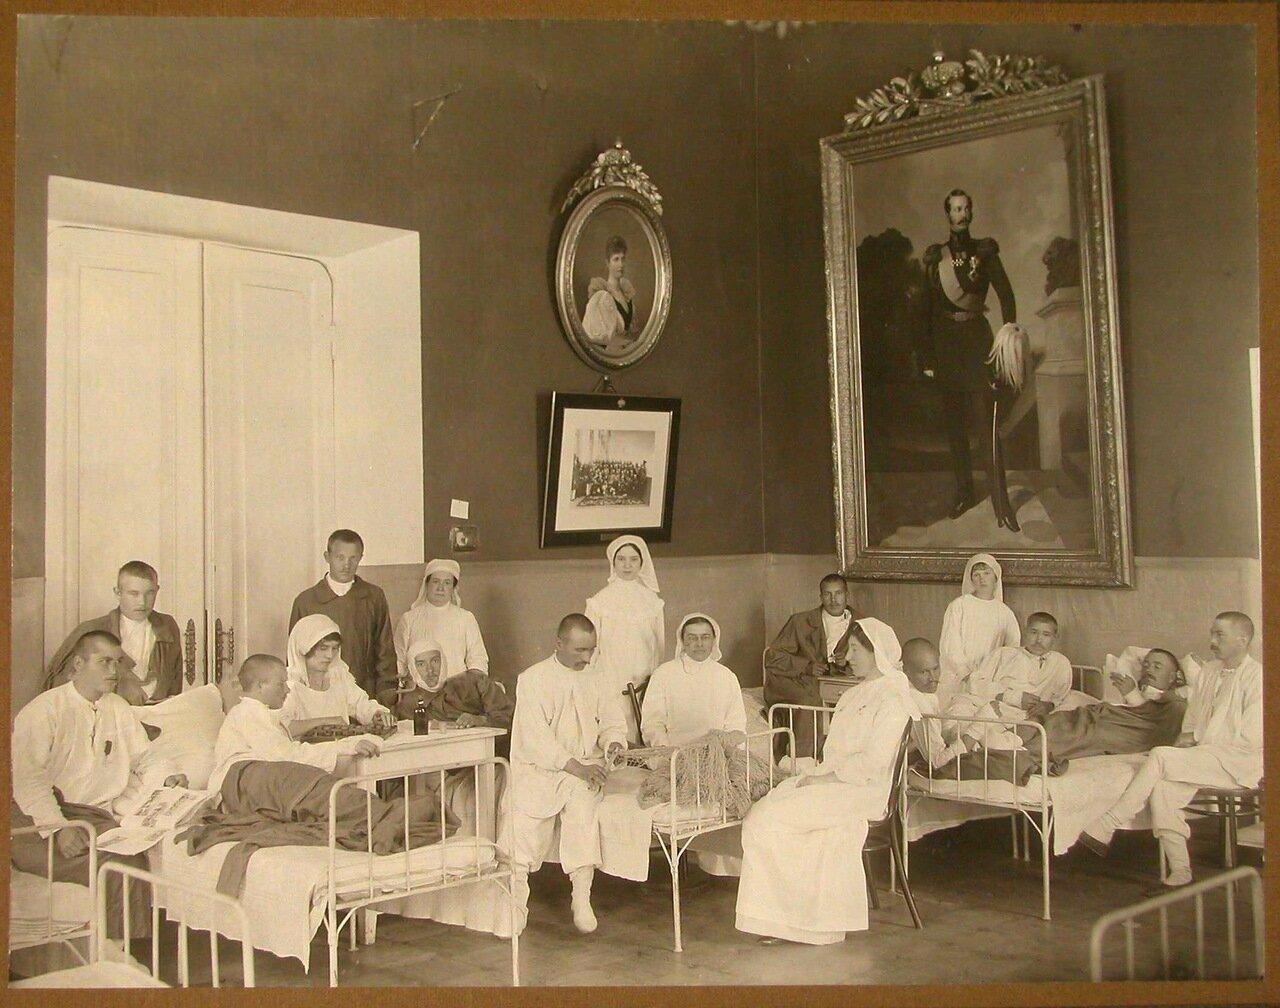 04. Раненые и медицинский персонал в одной из палат лазарета